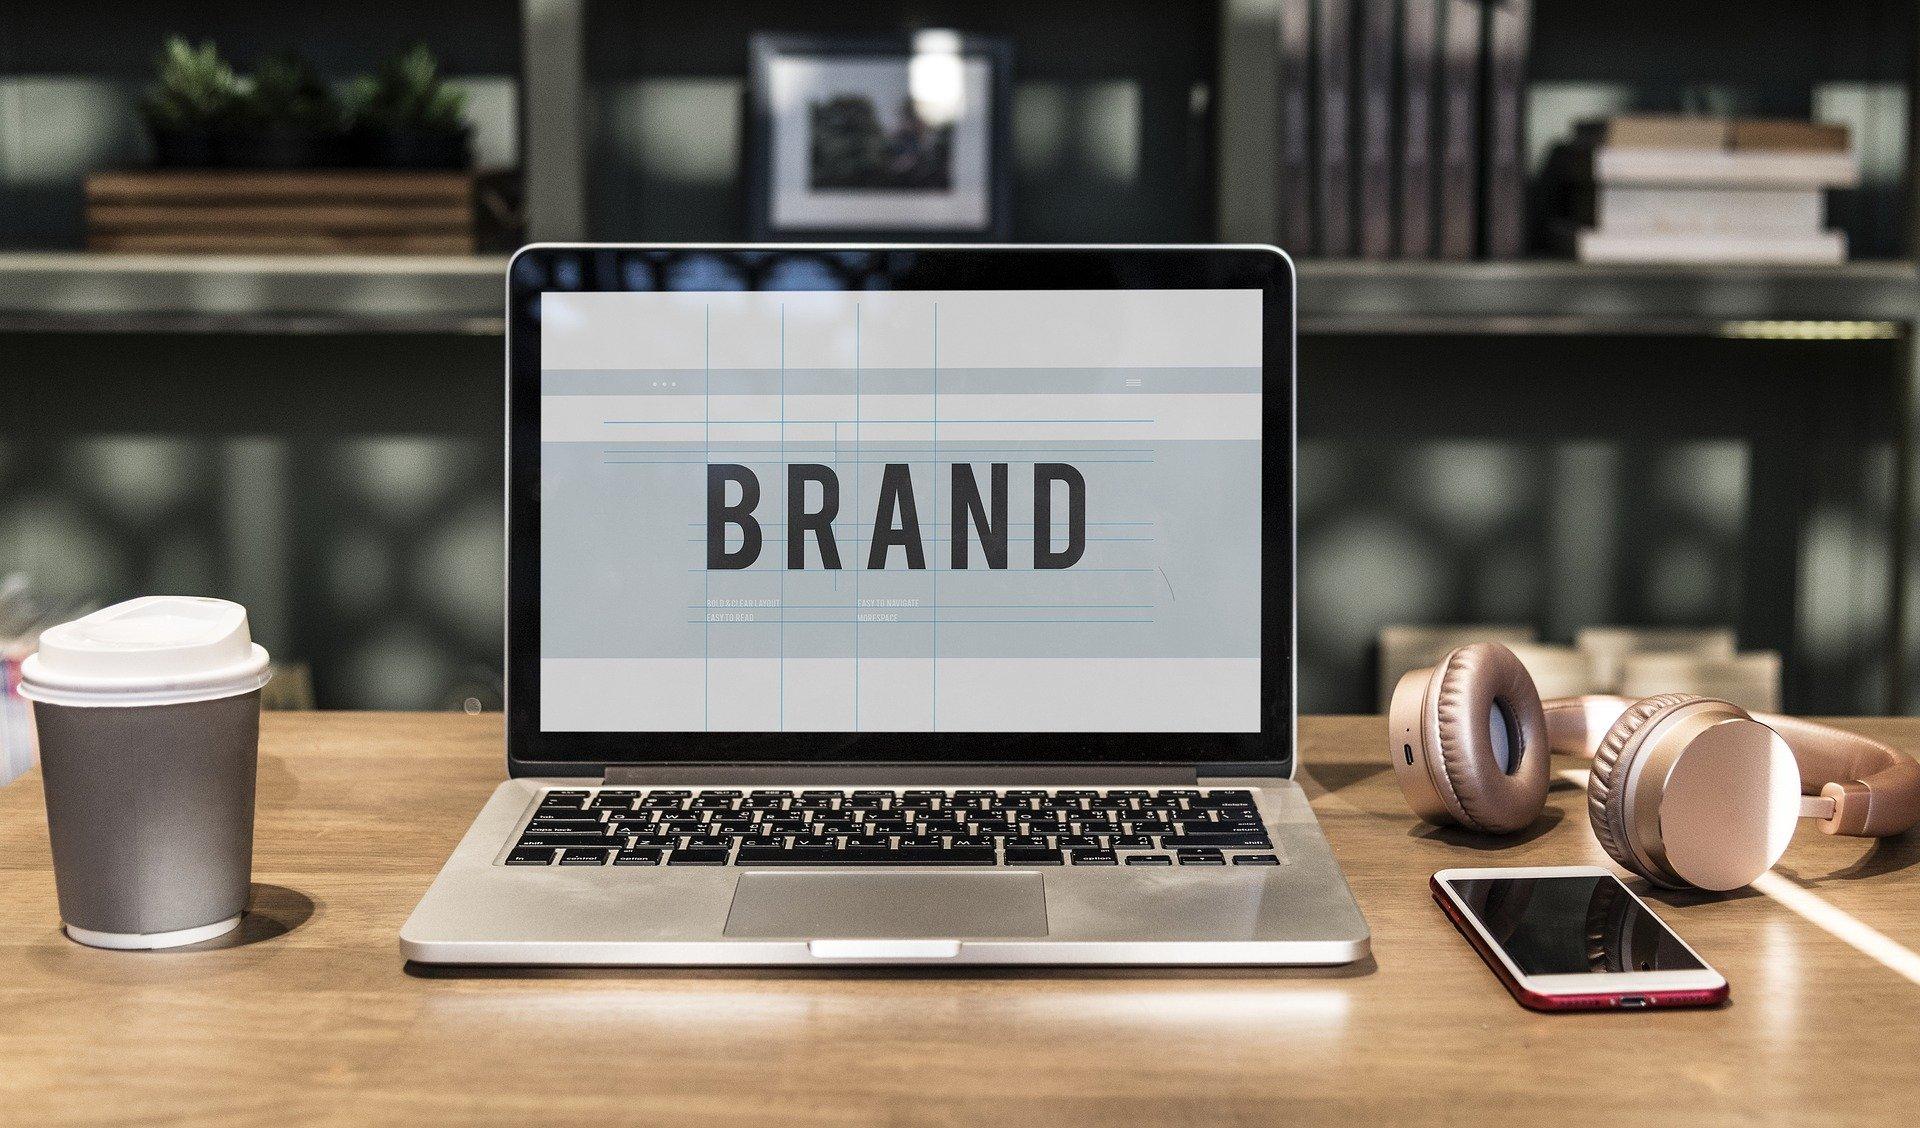 """Branding là gì? """"Branding thời 4.0"""" và những điều doanh nghiệp cần phải  biết. - Giải Pháp Tinh Hoa"""